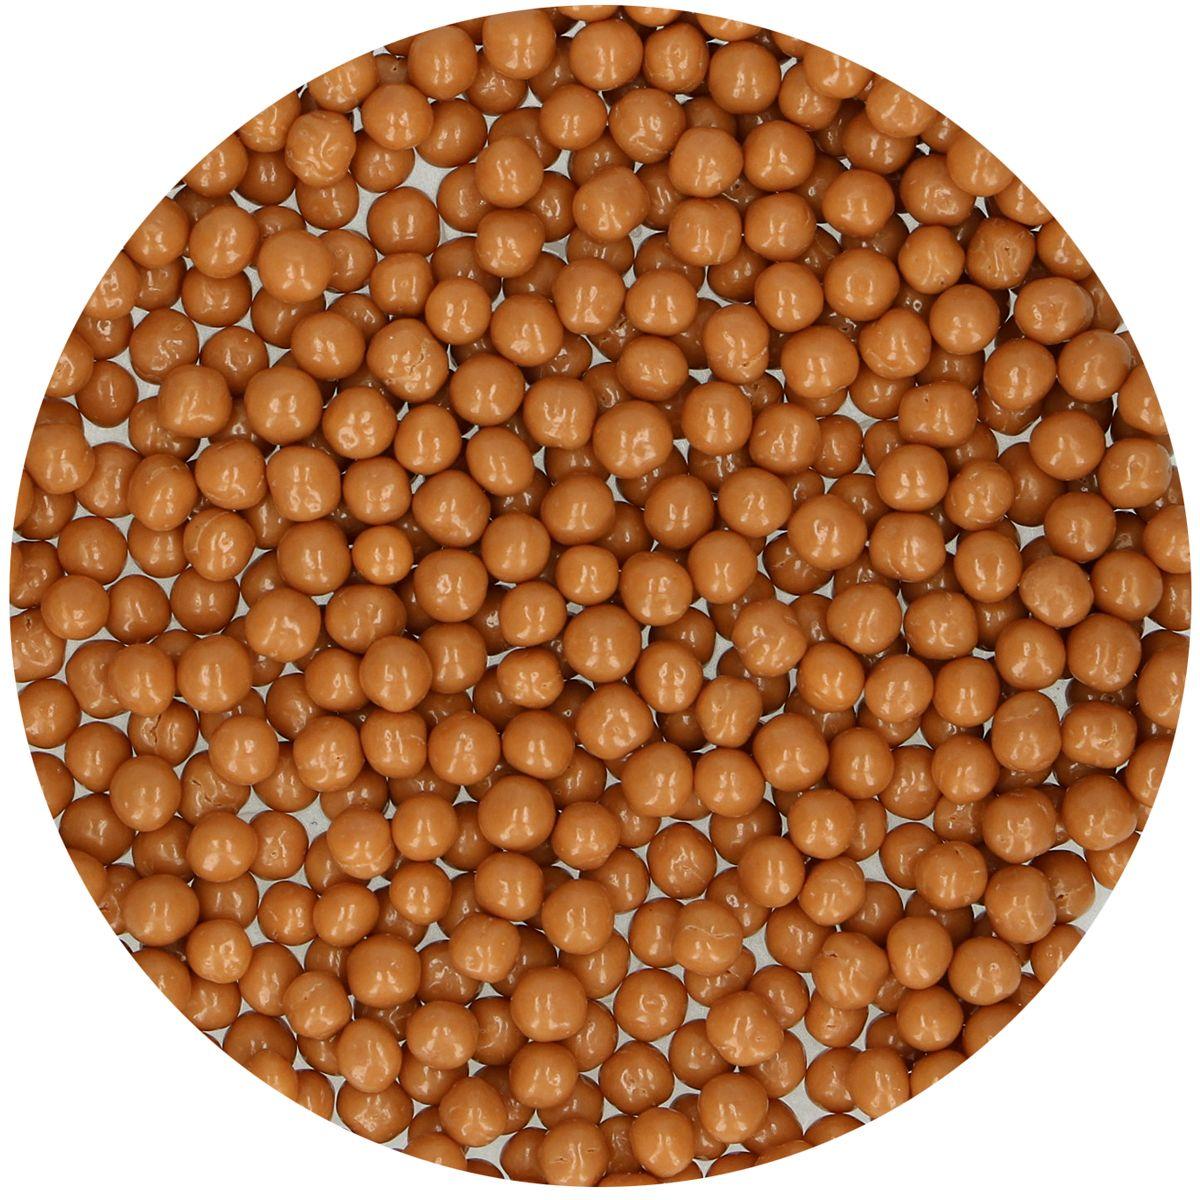 Schokoladen Knusperperlen - Saltet Caramel